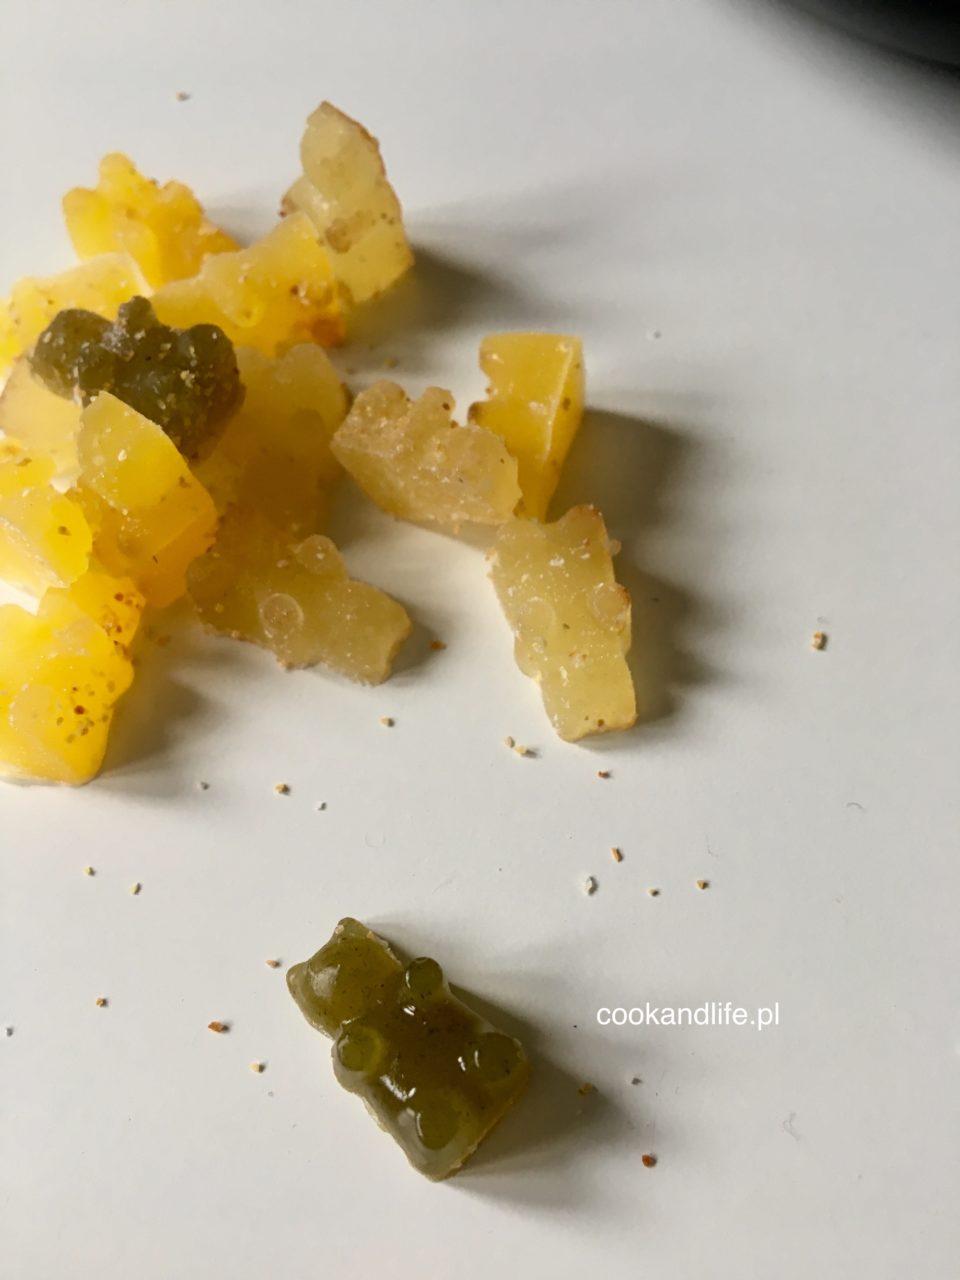 Żelki domowe z witaminą C